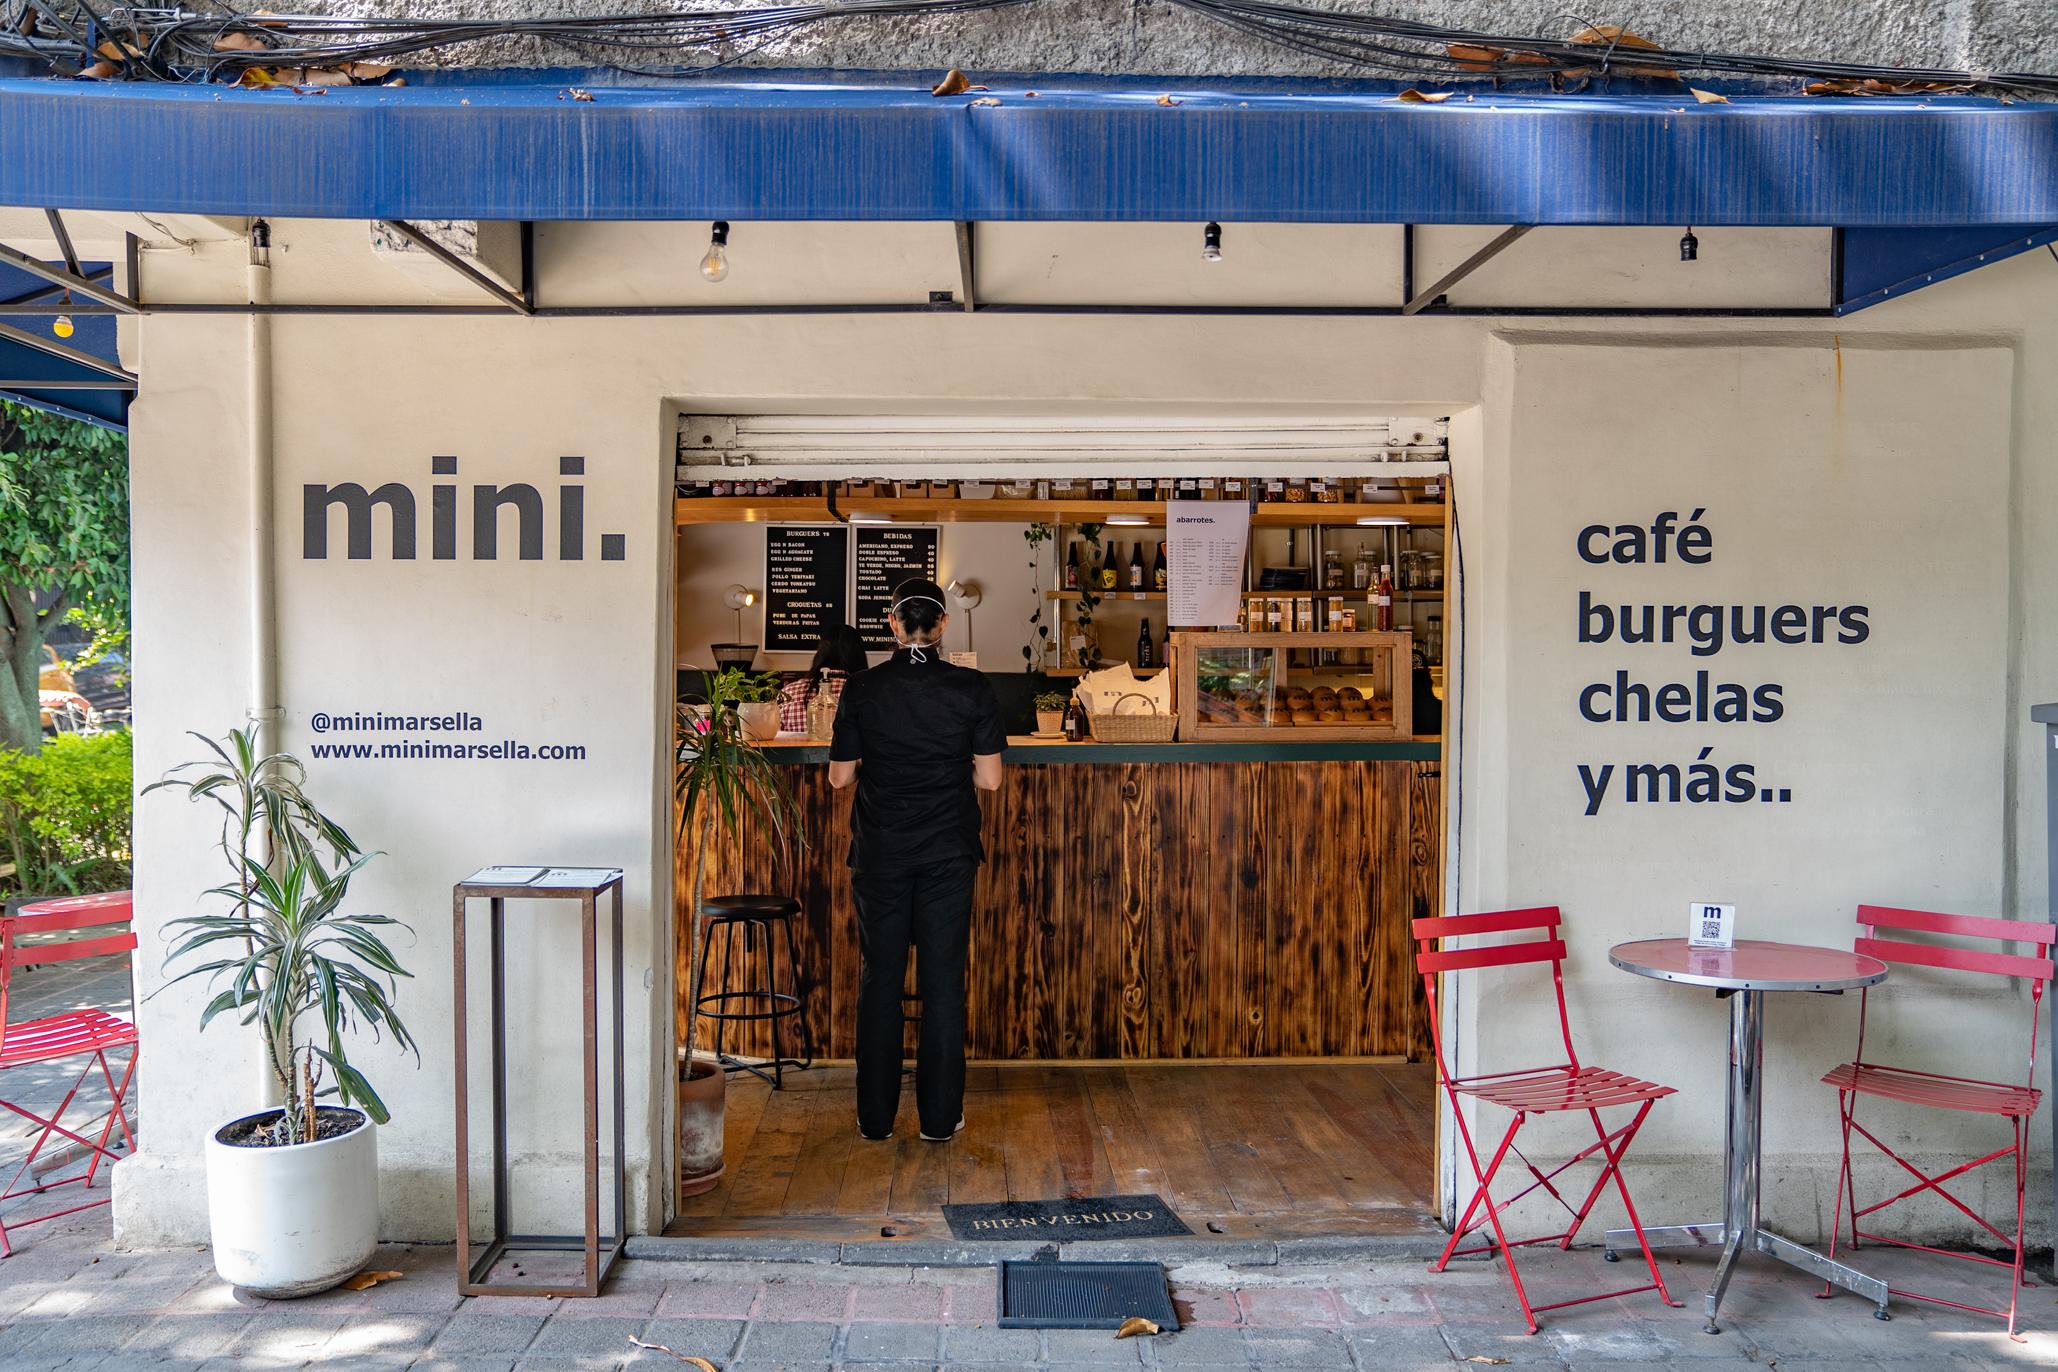 Mini Marsella, café, abarrotes, vinos, cervezas y hamburguesas en la Juárez